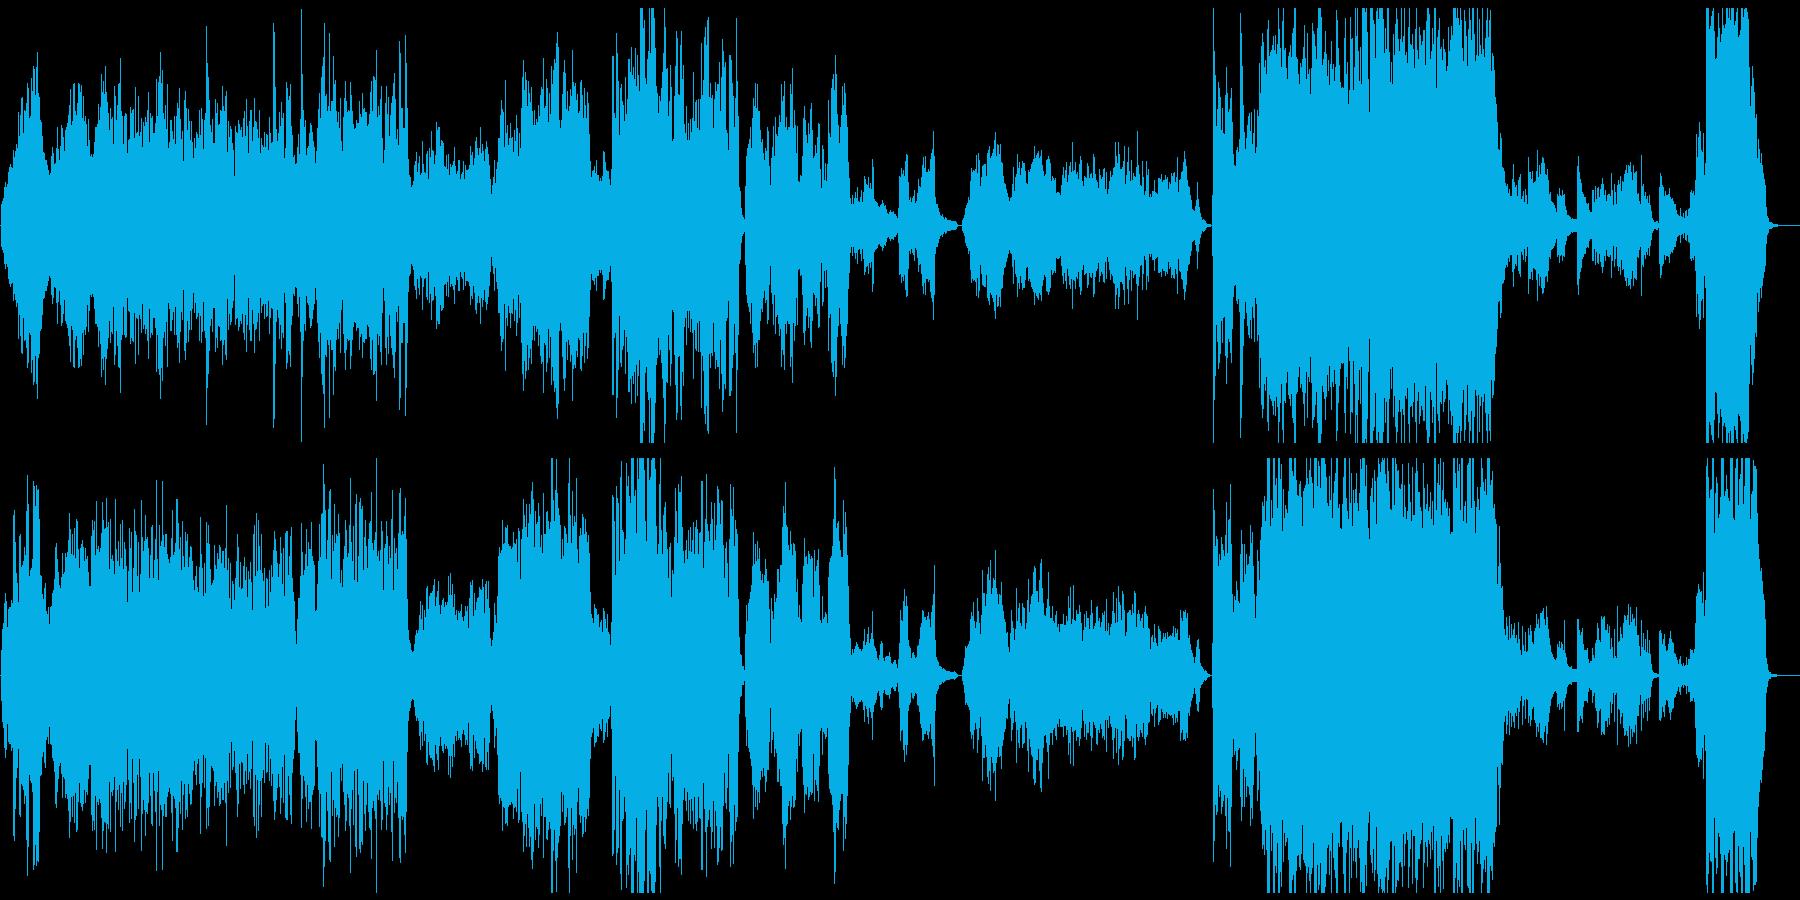 ファンタジーなピアノ協奏曲風オーケストラの再生済みの波形